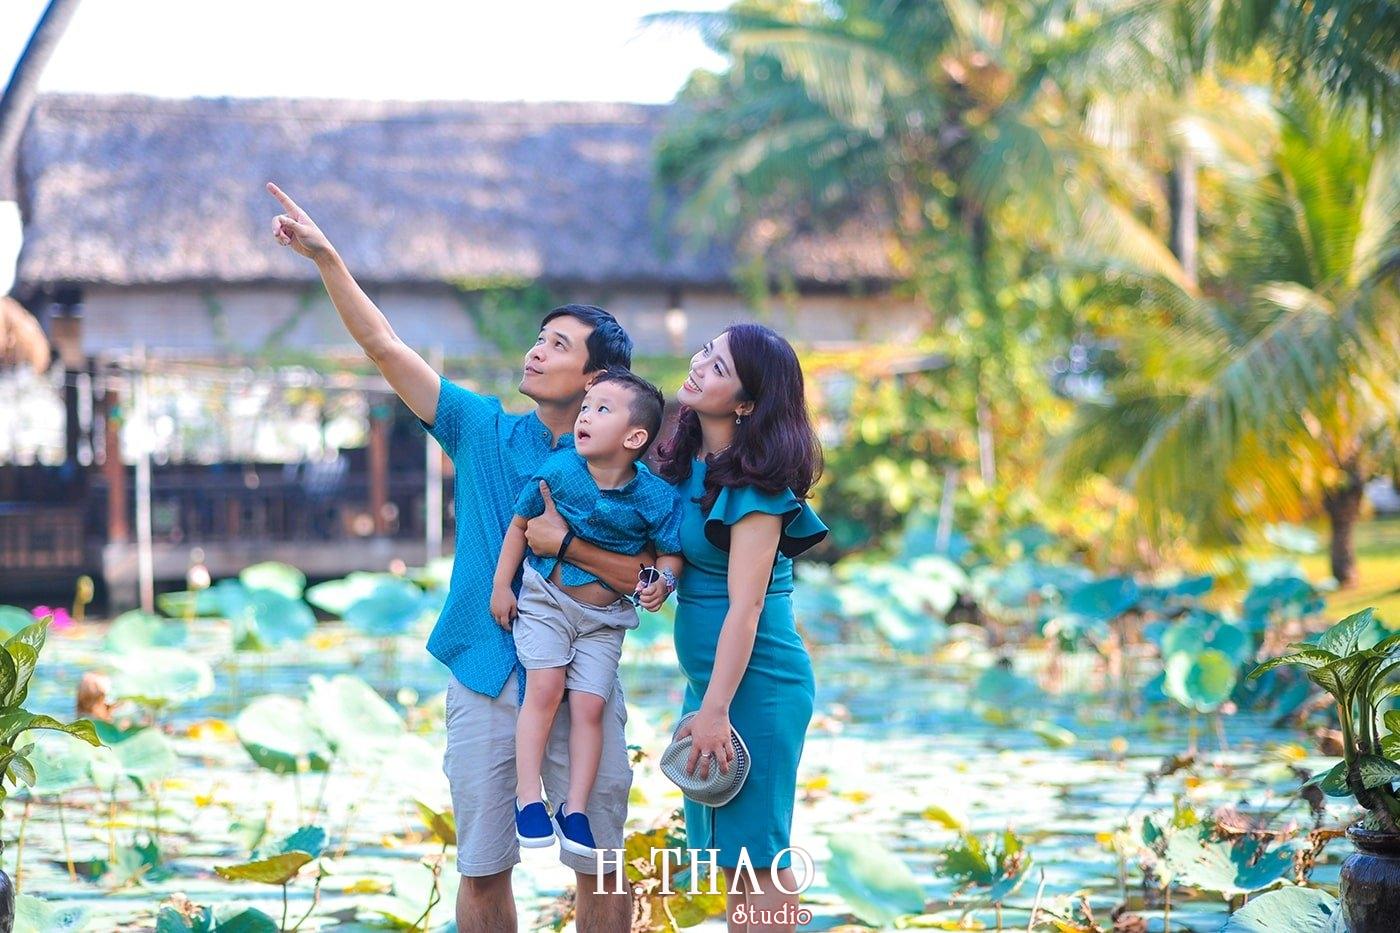 Anh gia dinh 3 nguoi 6 - Khu du lịch Bình Quới 3- Ảnh chụp gia đình anh chị Phương Thúy